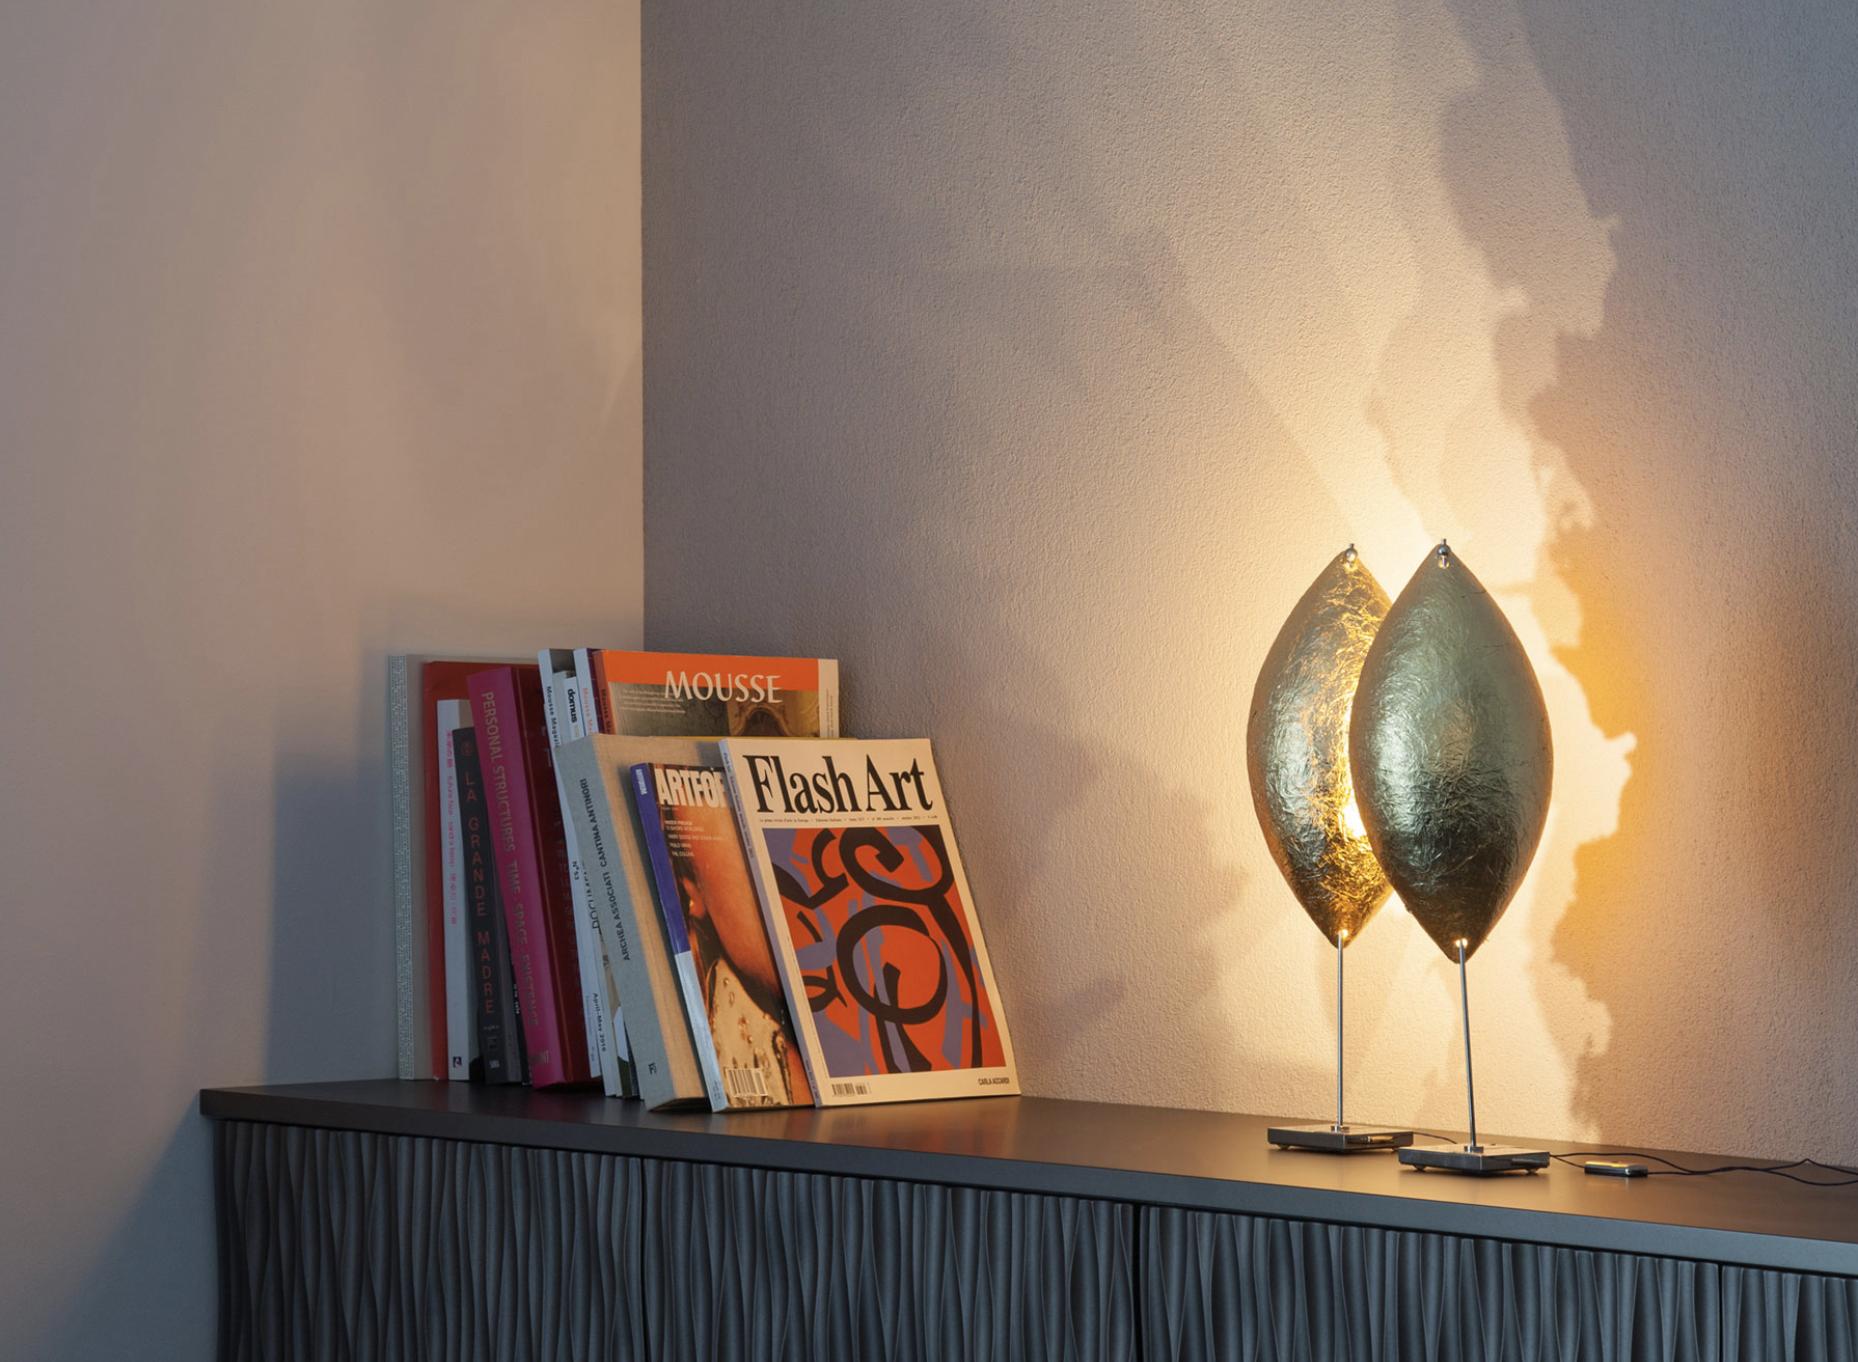 PostKrisi 10 Malagolina Table Lamp